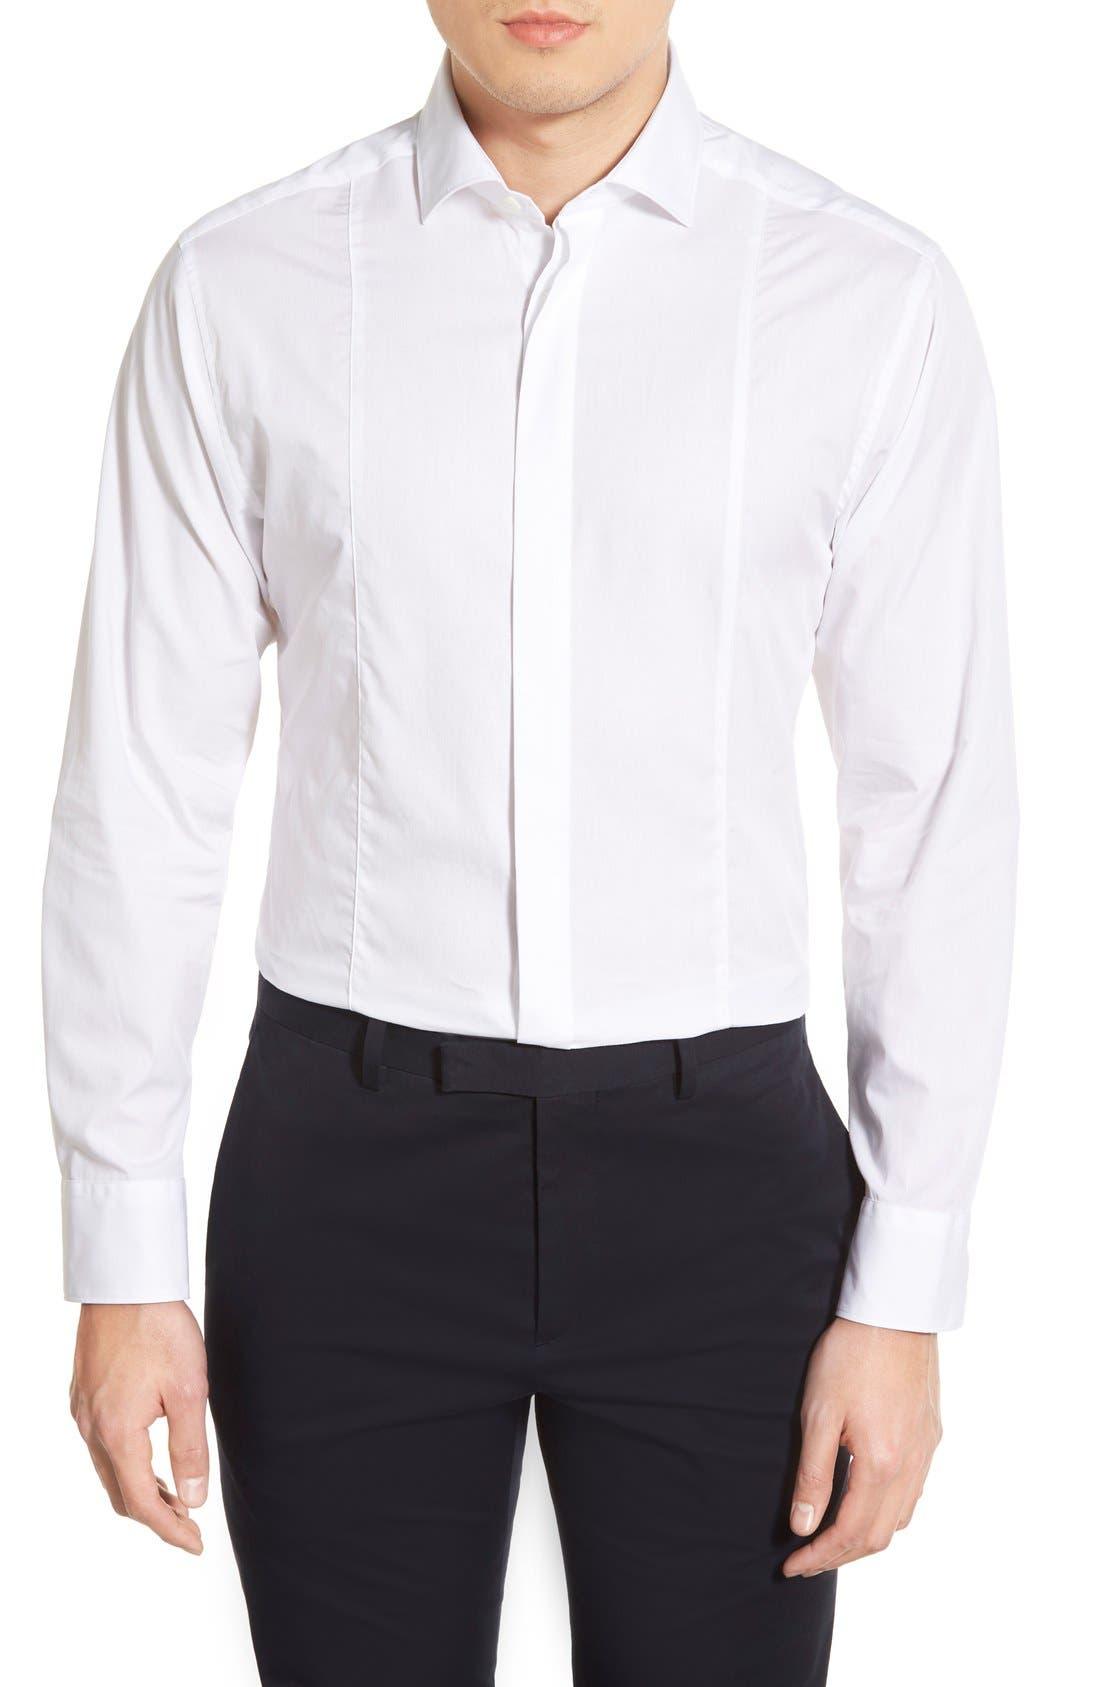 VINCE CAMUTO Trim Fit Tuxedo Shirt